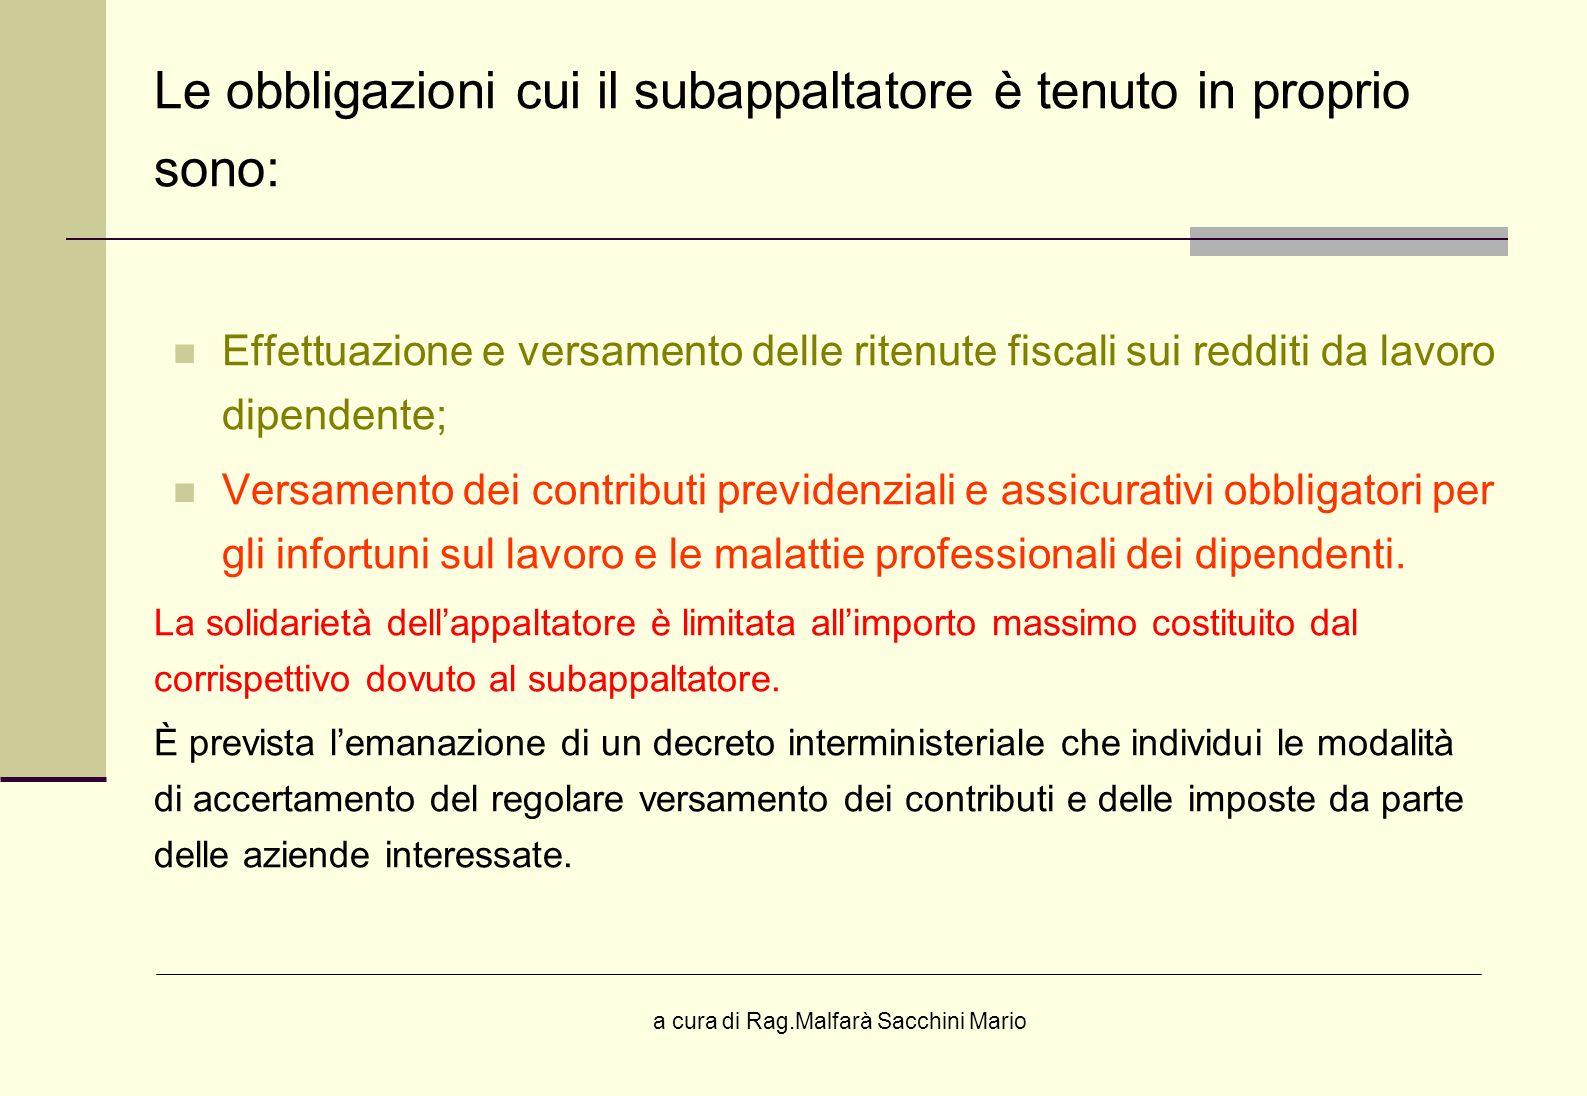 a cura di Rag.Malfarà Sacchini Mario Le obbligazioni cui il subappaltatore è tenuto in proprio sono: Effettuazione e versamento delle ritenute fiscali